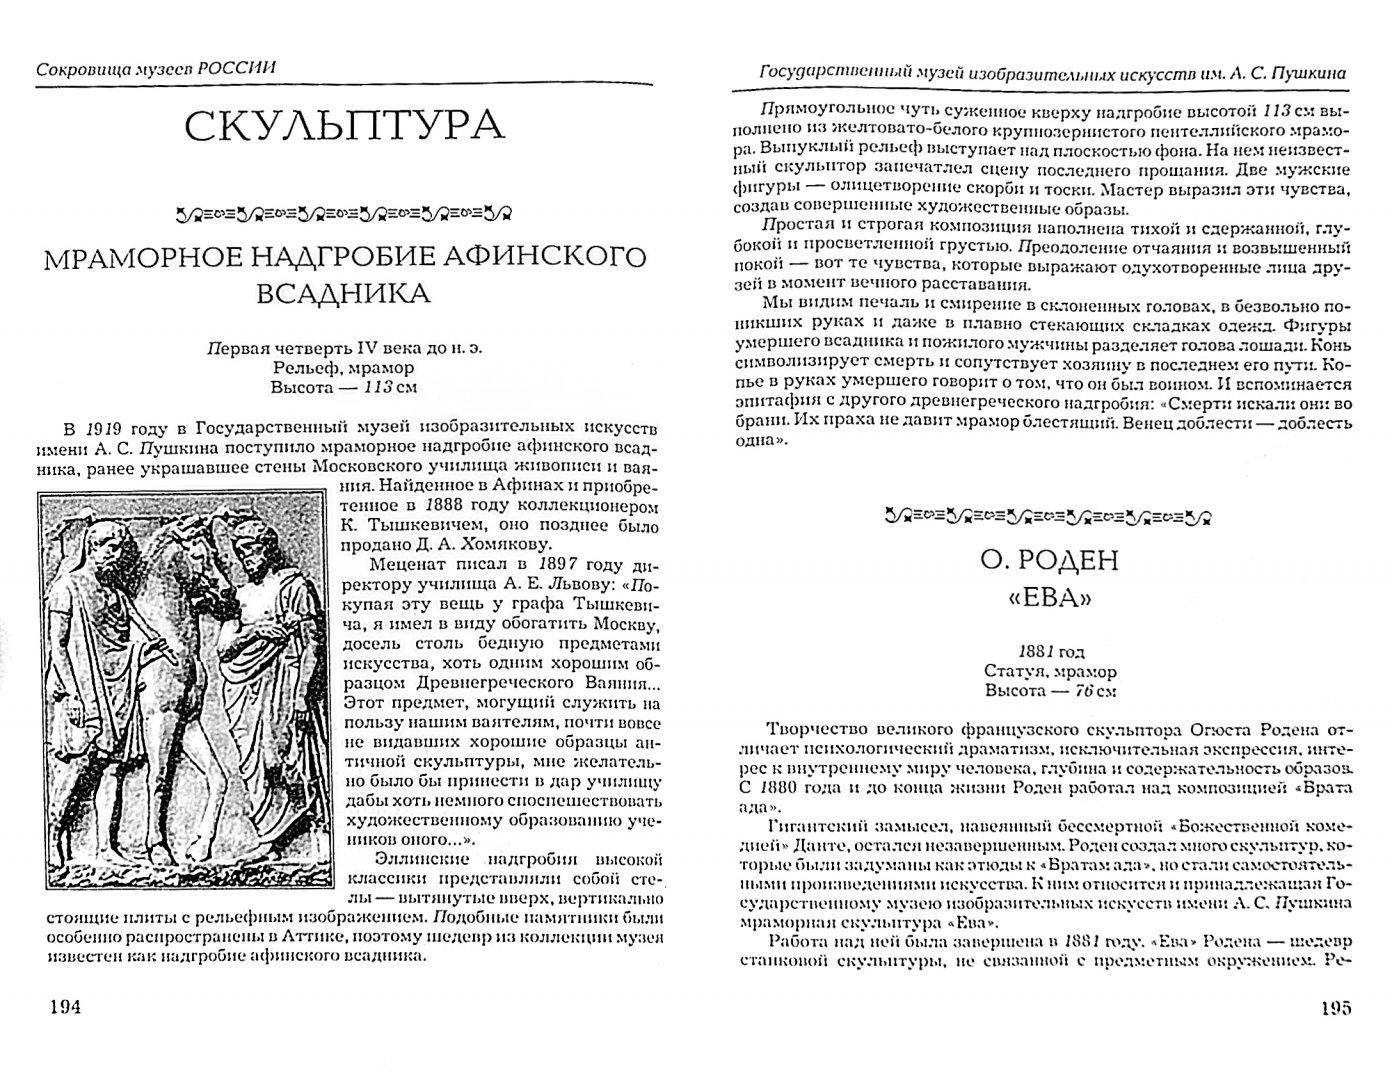 Иллюстрация 1 из 46 для Сокровища музеев России - Ирина Сурмина | Лабиринт - книги. Источник: Лабиринт